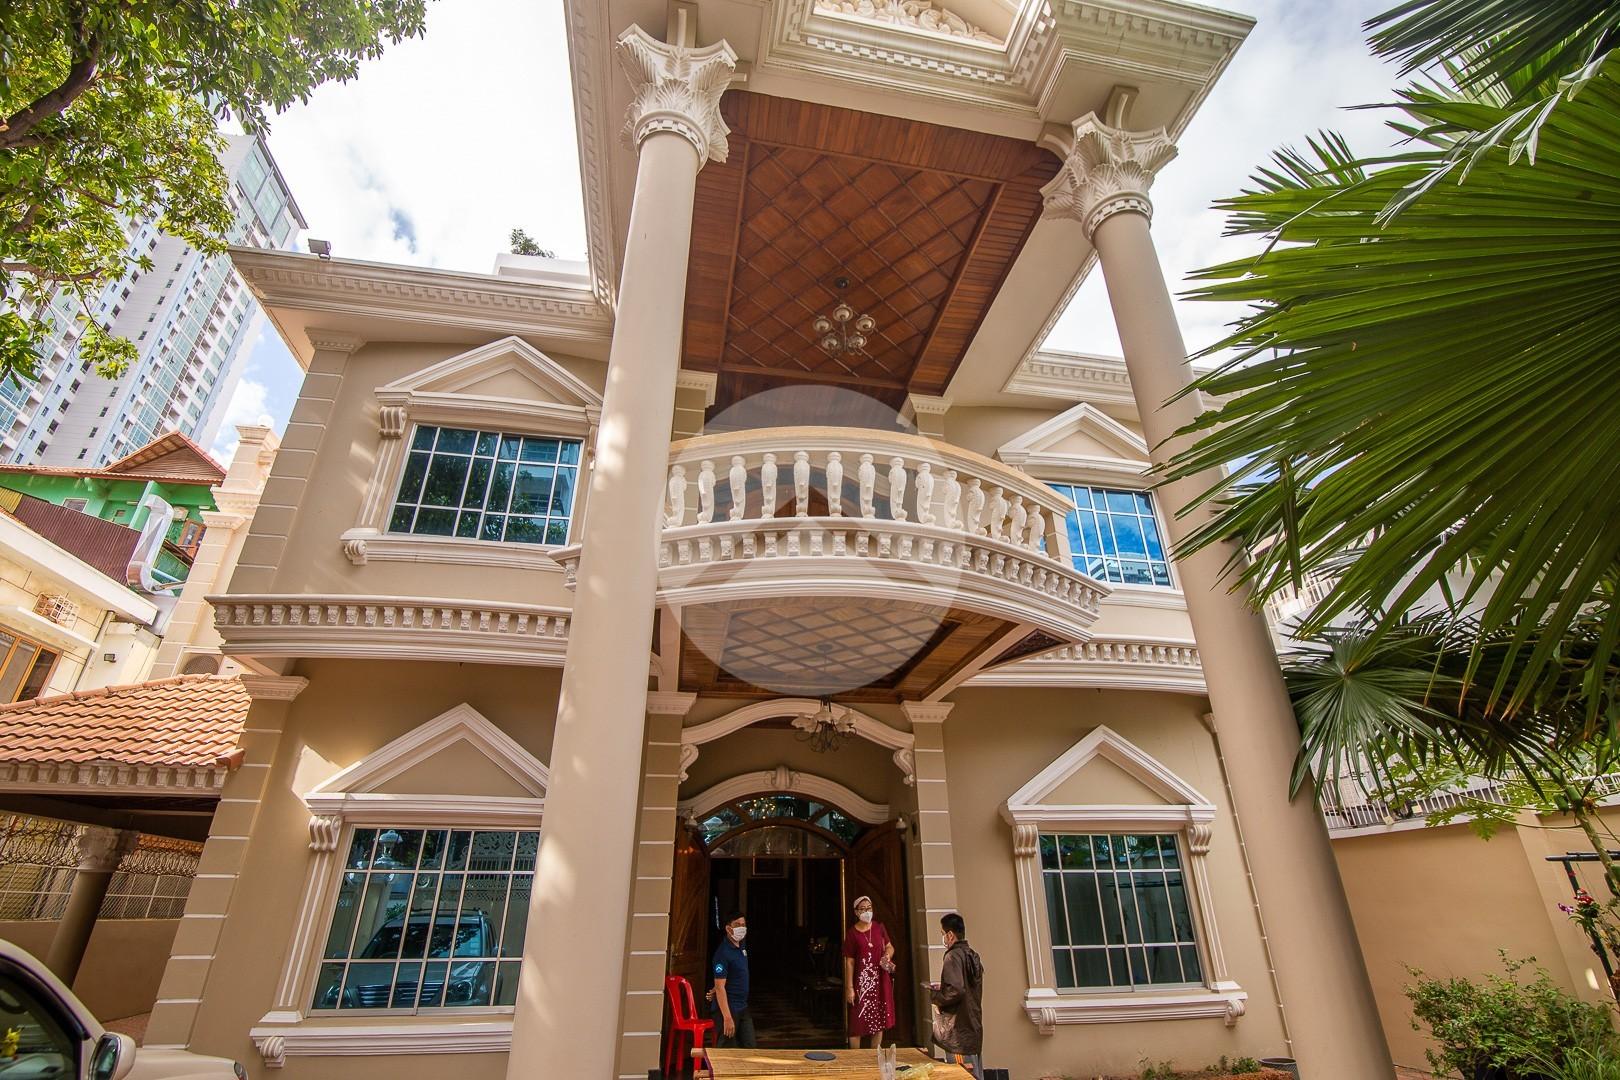 7 Bedroom Villa For Rent - BKK1, Phnom Penh